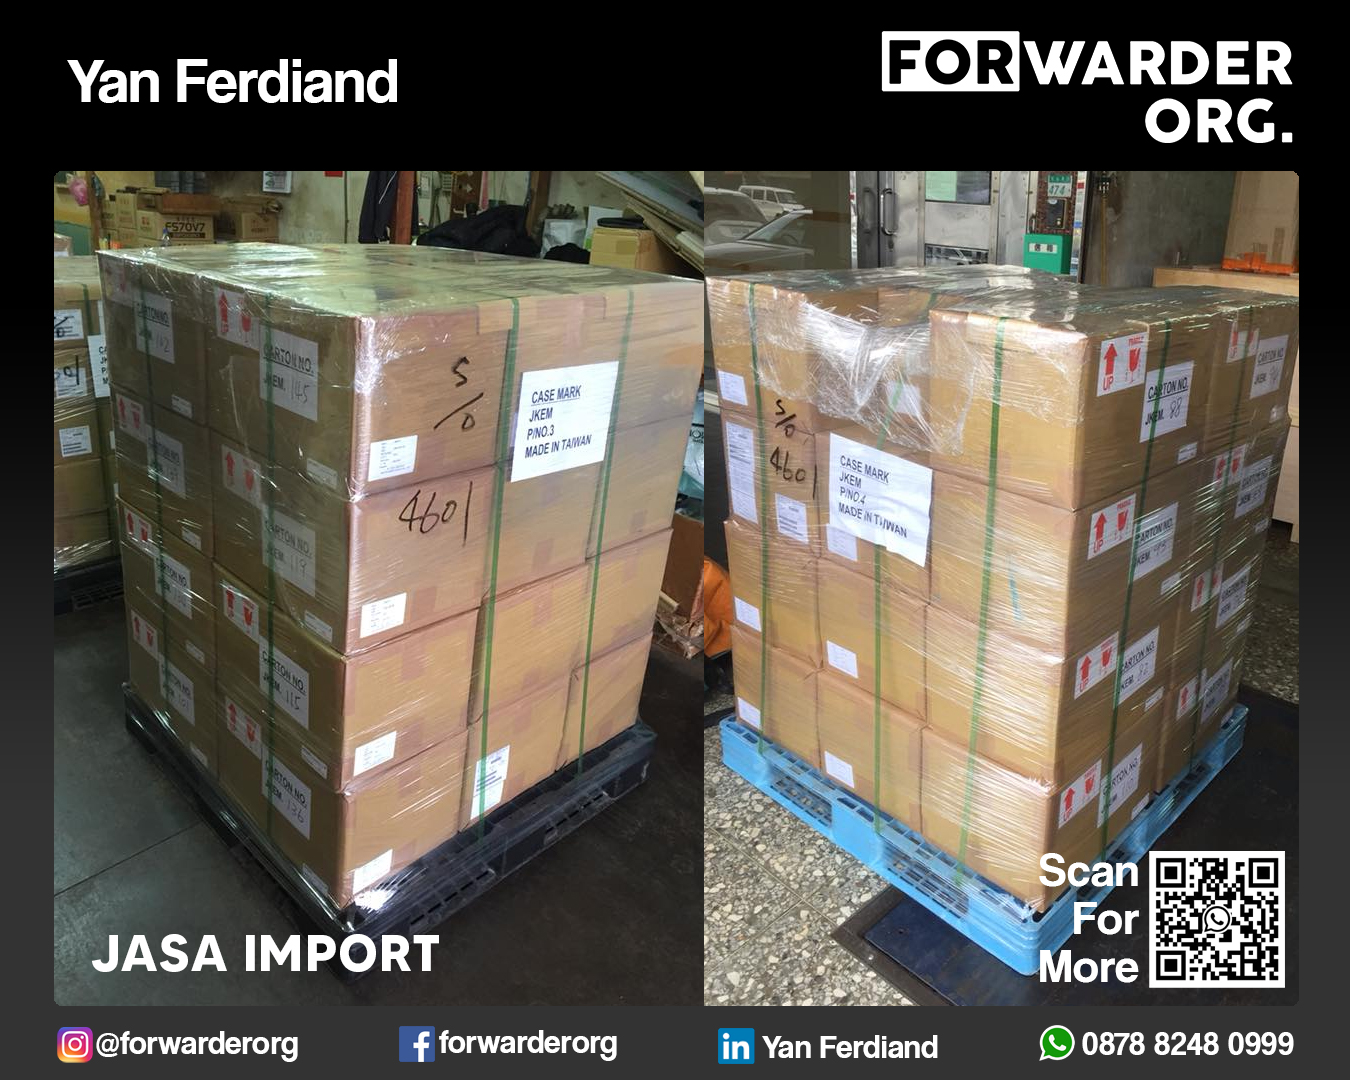 Jasa Import Sparepart Mesin dari Jepang | FORWARDER ORG